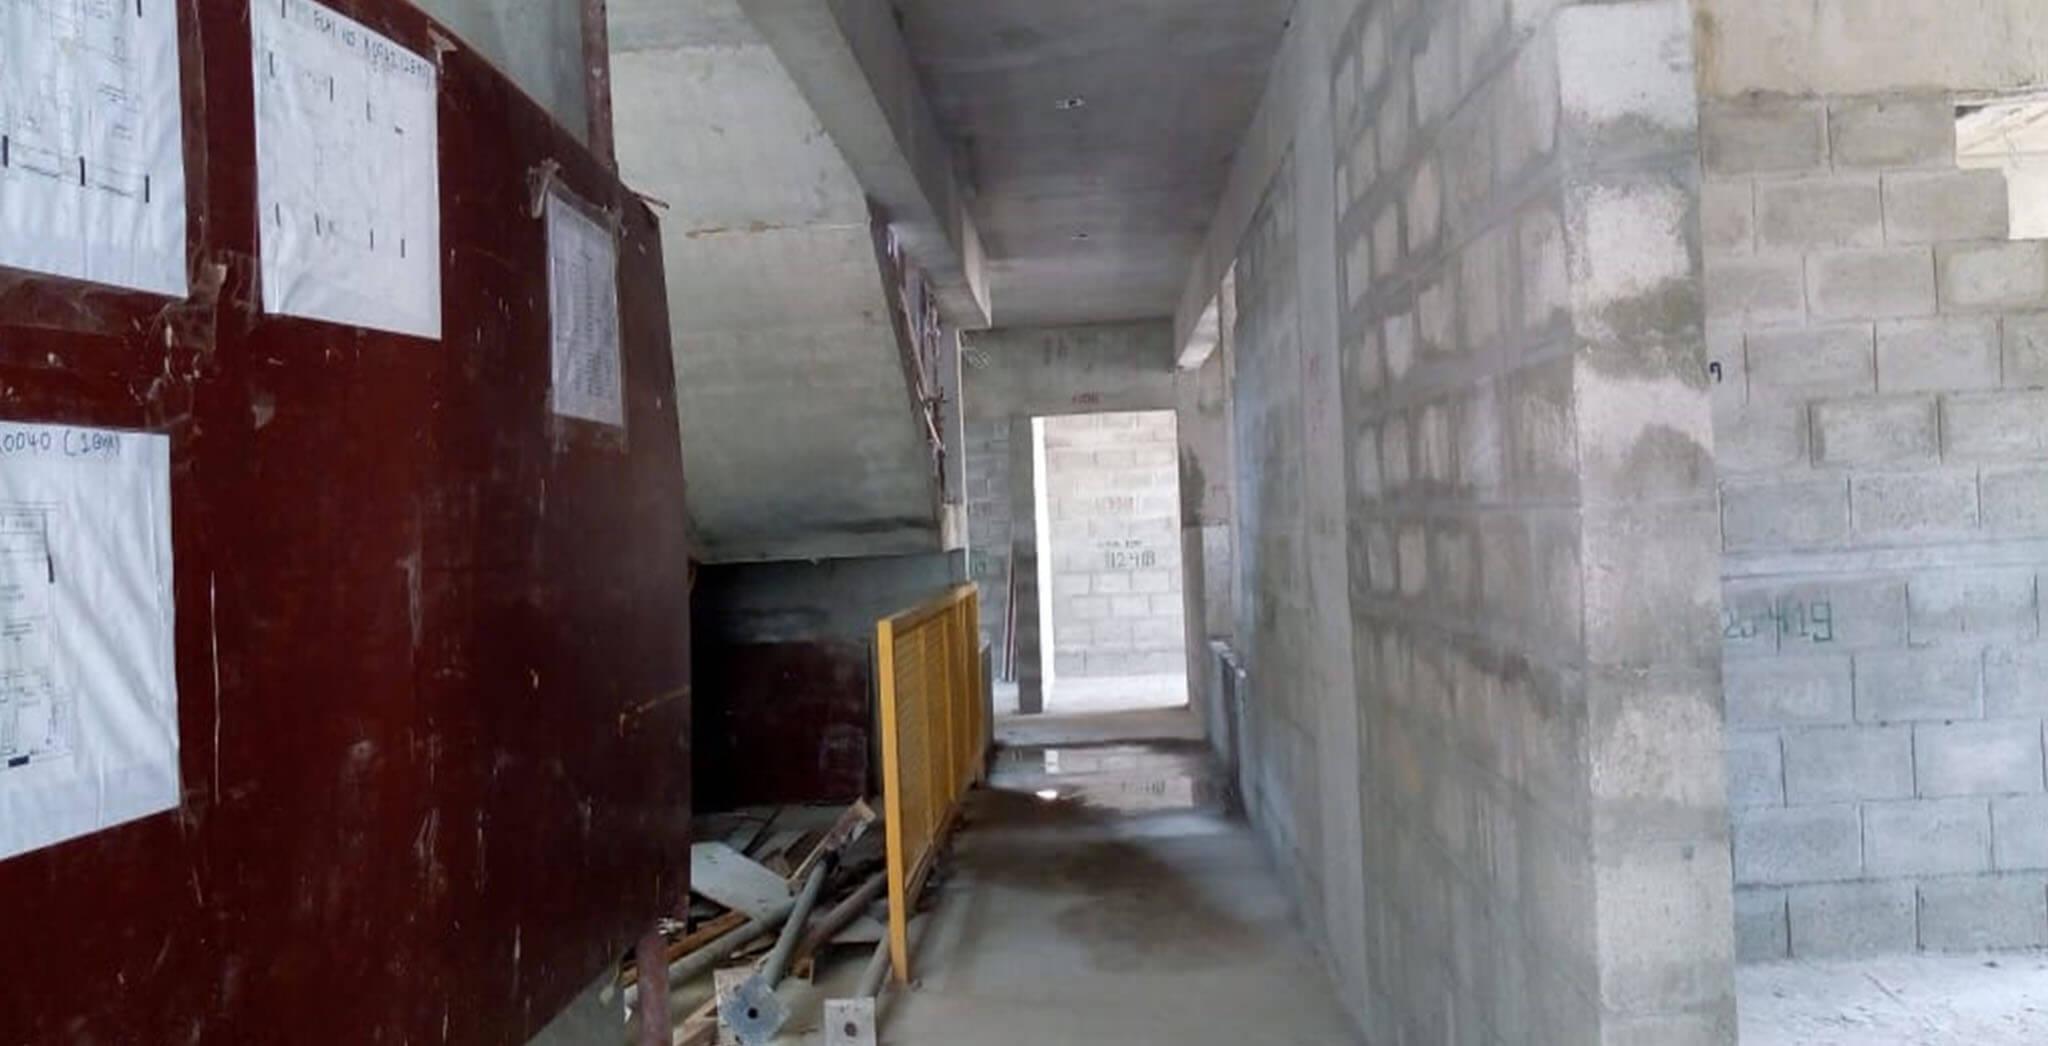 Jun 2019 - Tower F—Ground floor: Blockwork work-in-progress